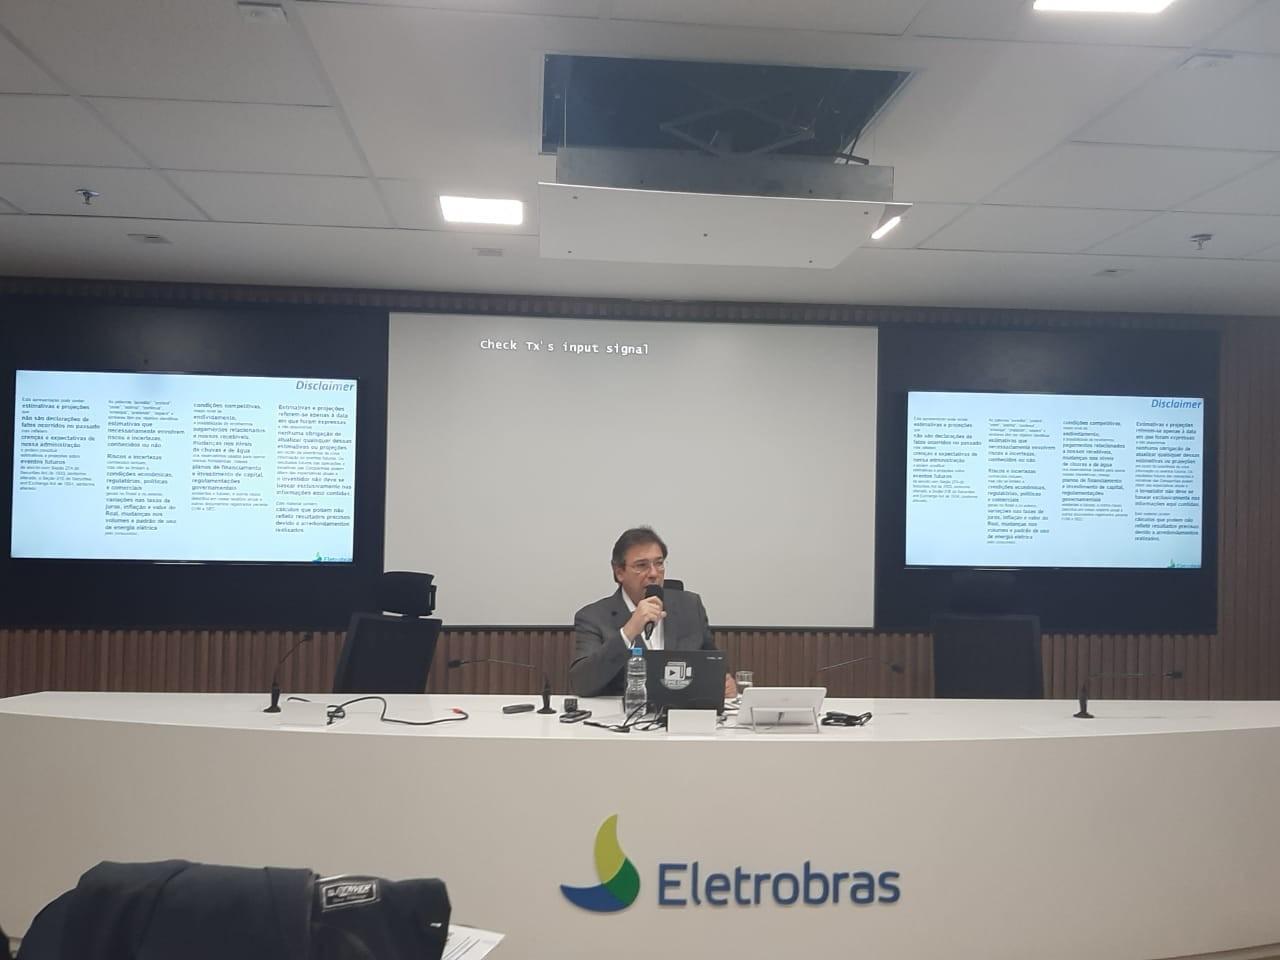 Eletrobras diz que já atingiu 'quase metade' da meta para plano de demissão  - Notícias - Plantão Diário